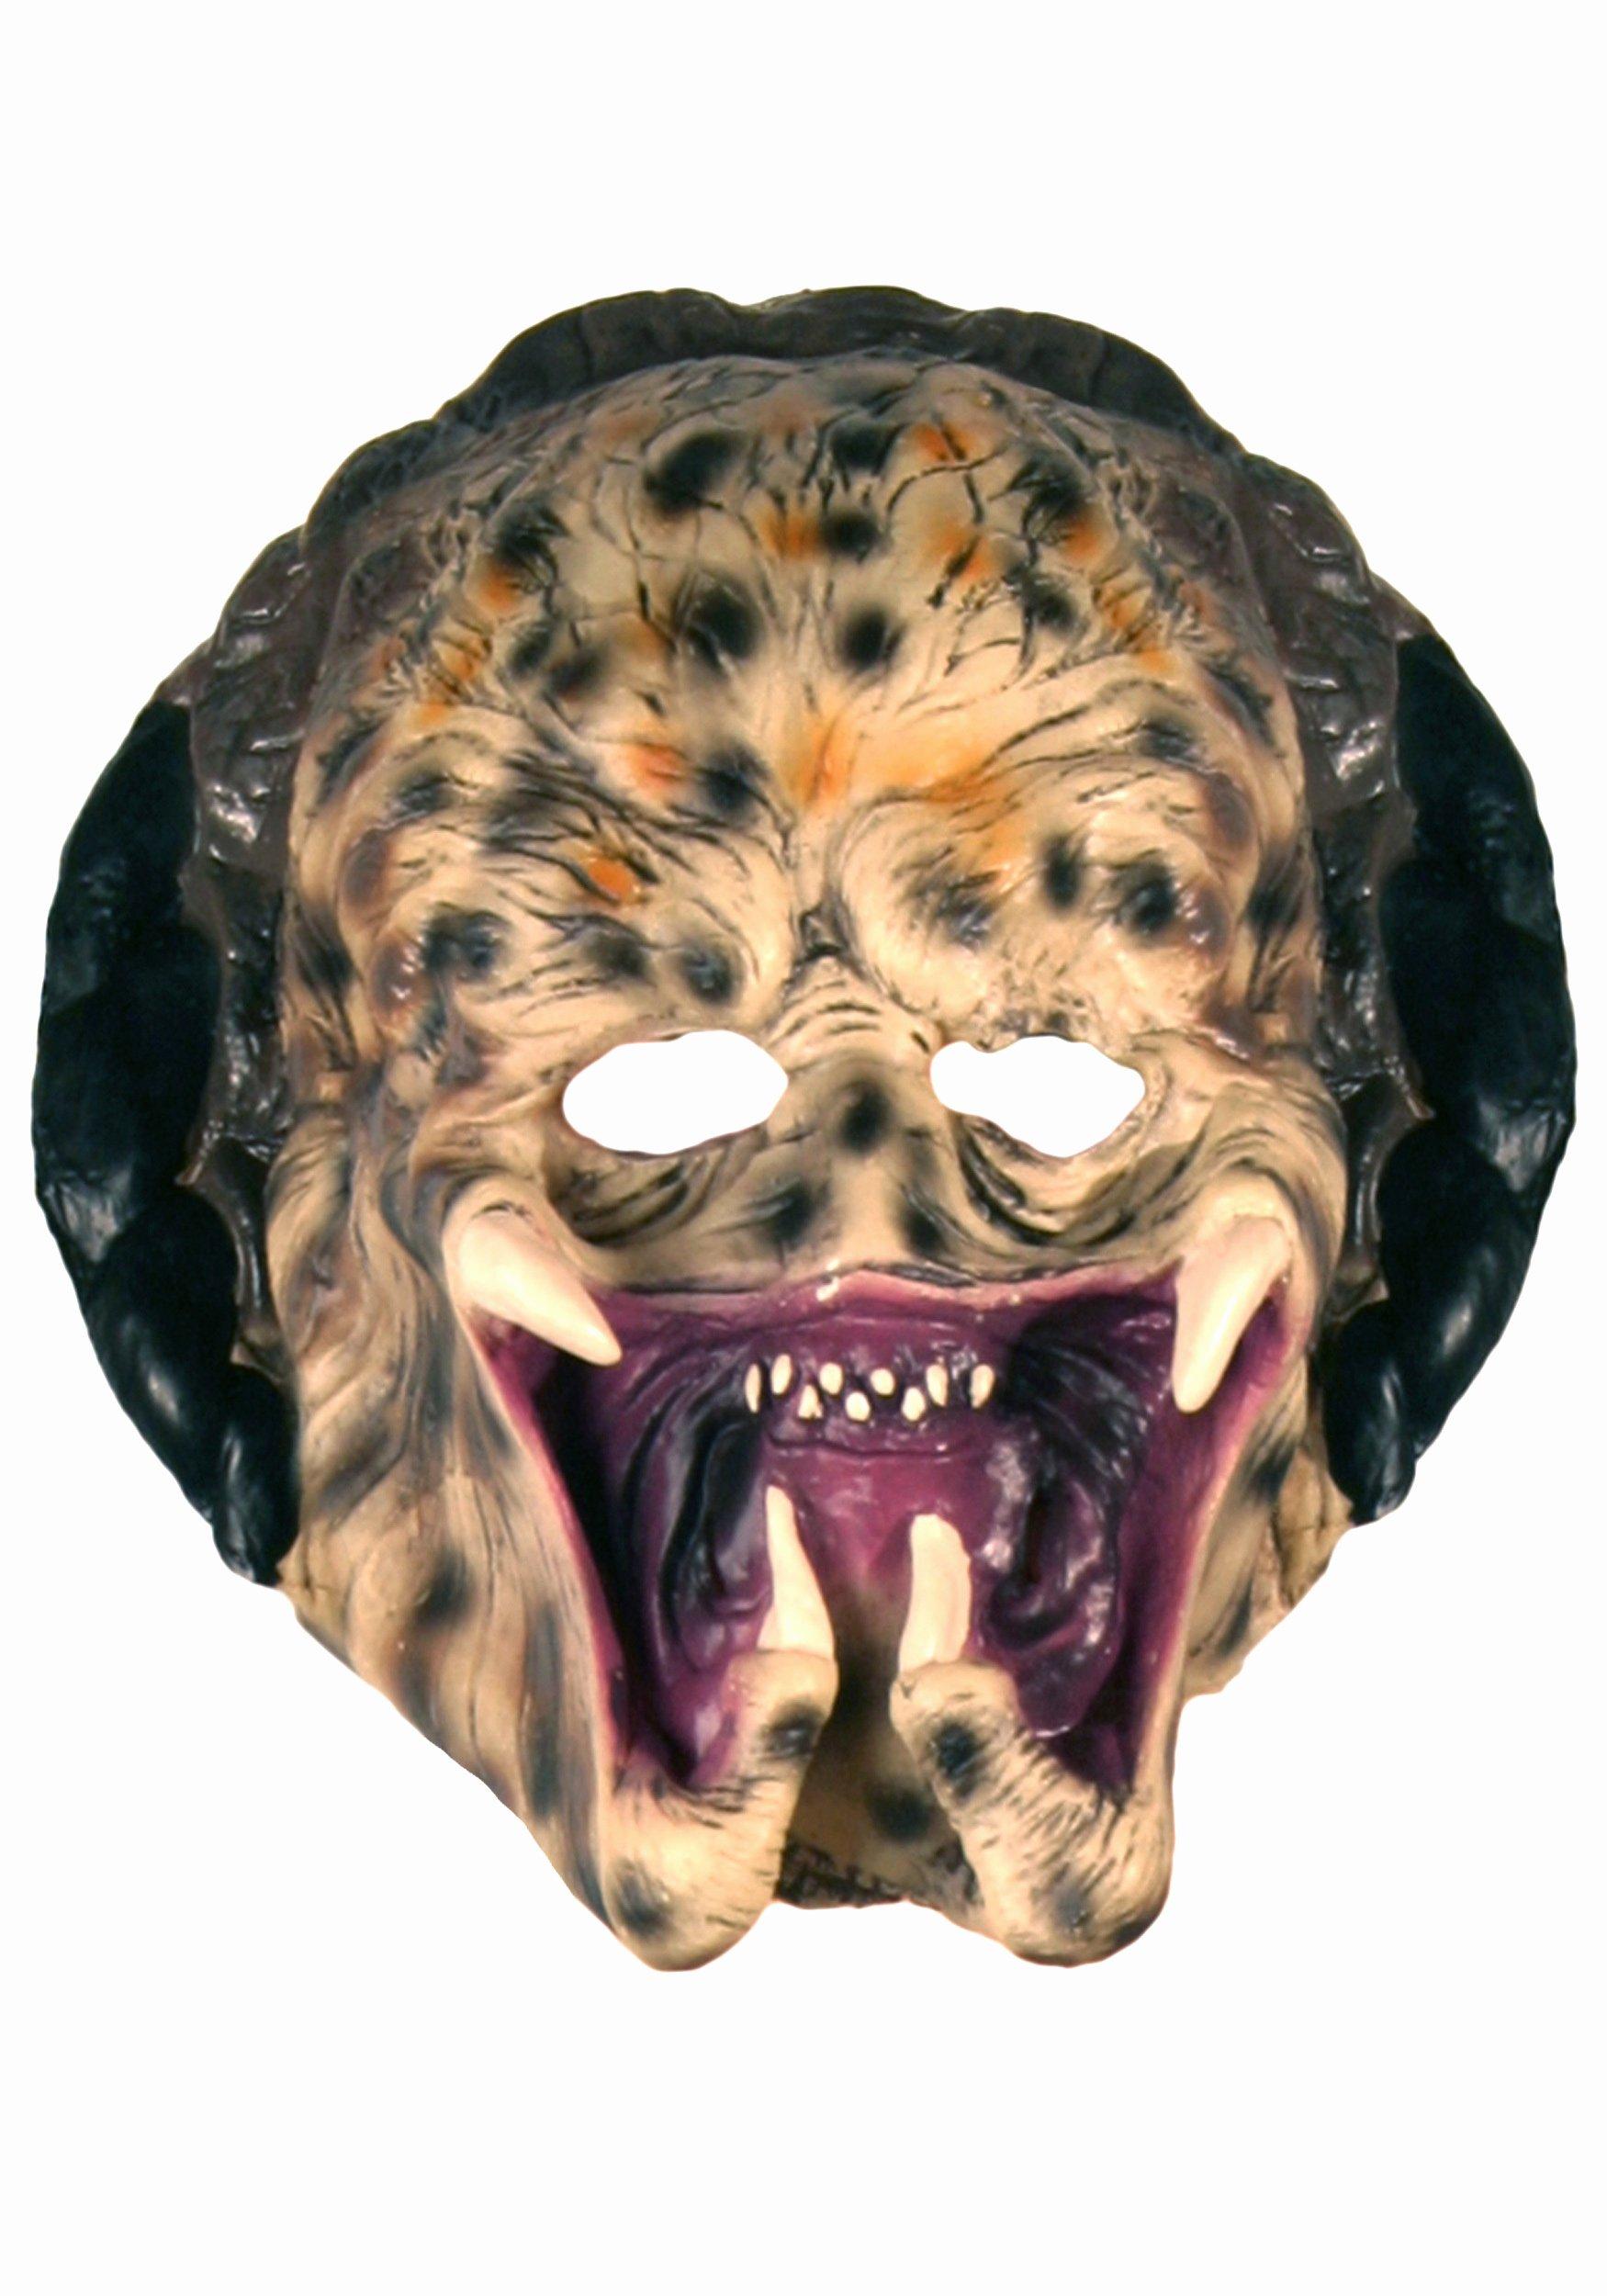 Scary Masks for Kids Lovely Kids Vinyl Predator Mask